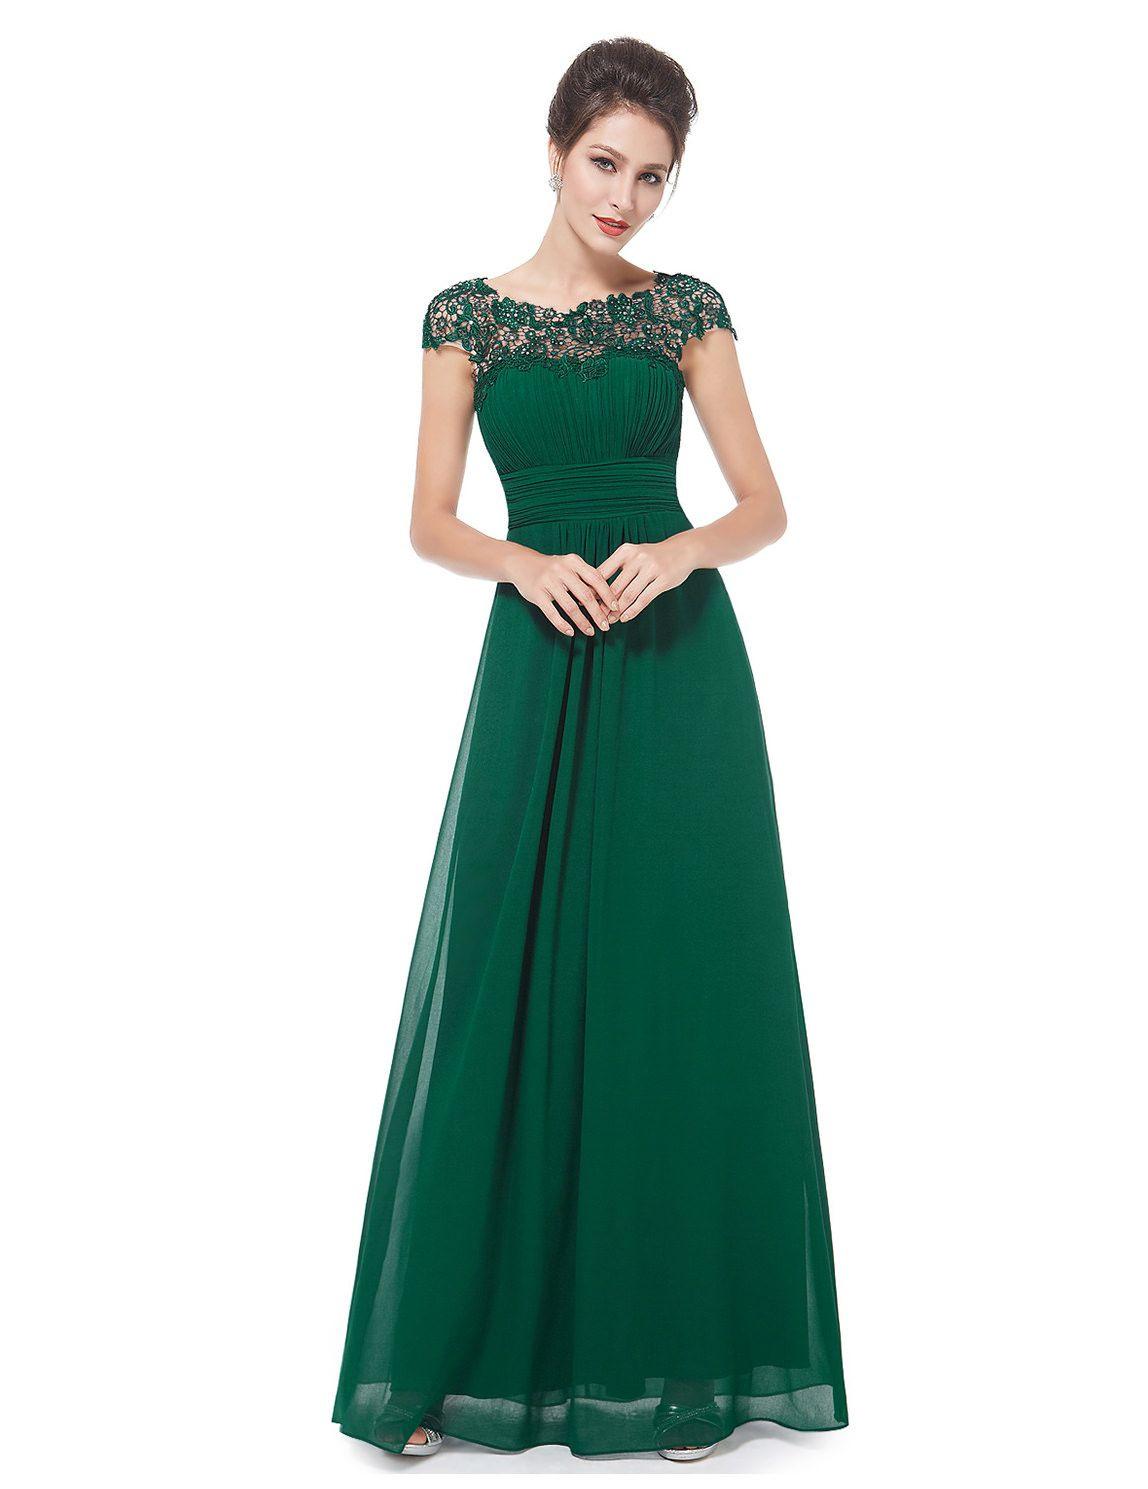 17 Ausgezeichnet Abend Kleid Kaufen Ärmel15 Spektakulär Abend Kleid Kaufen Design